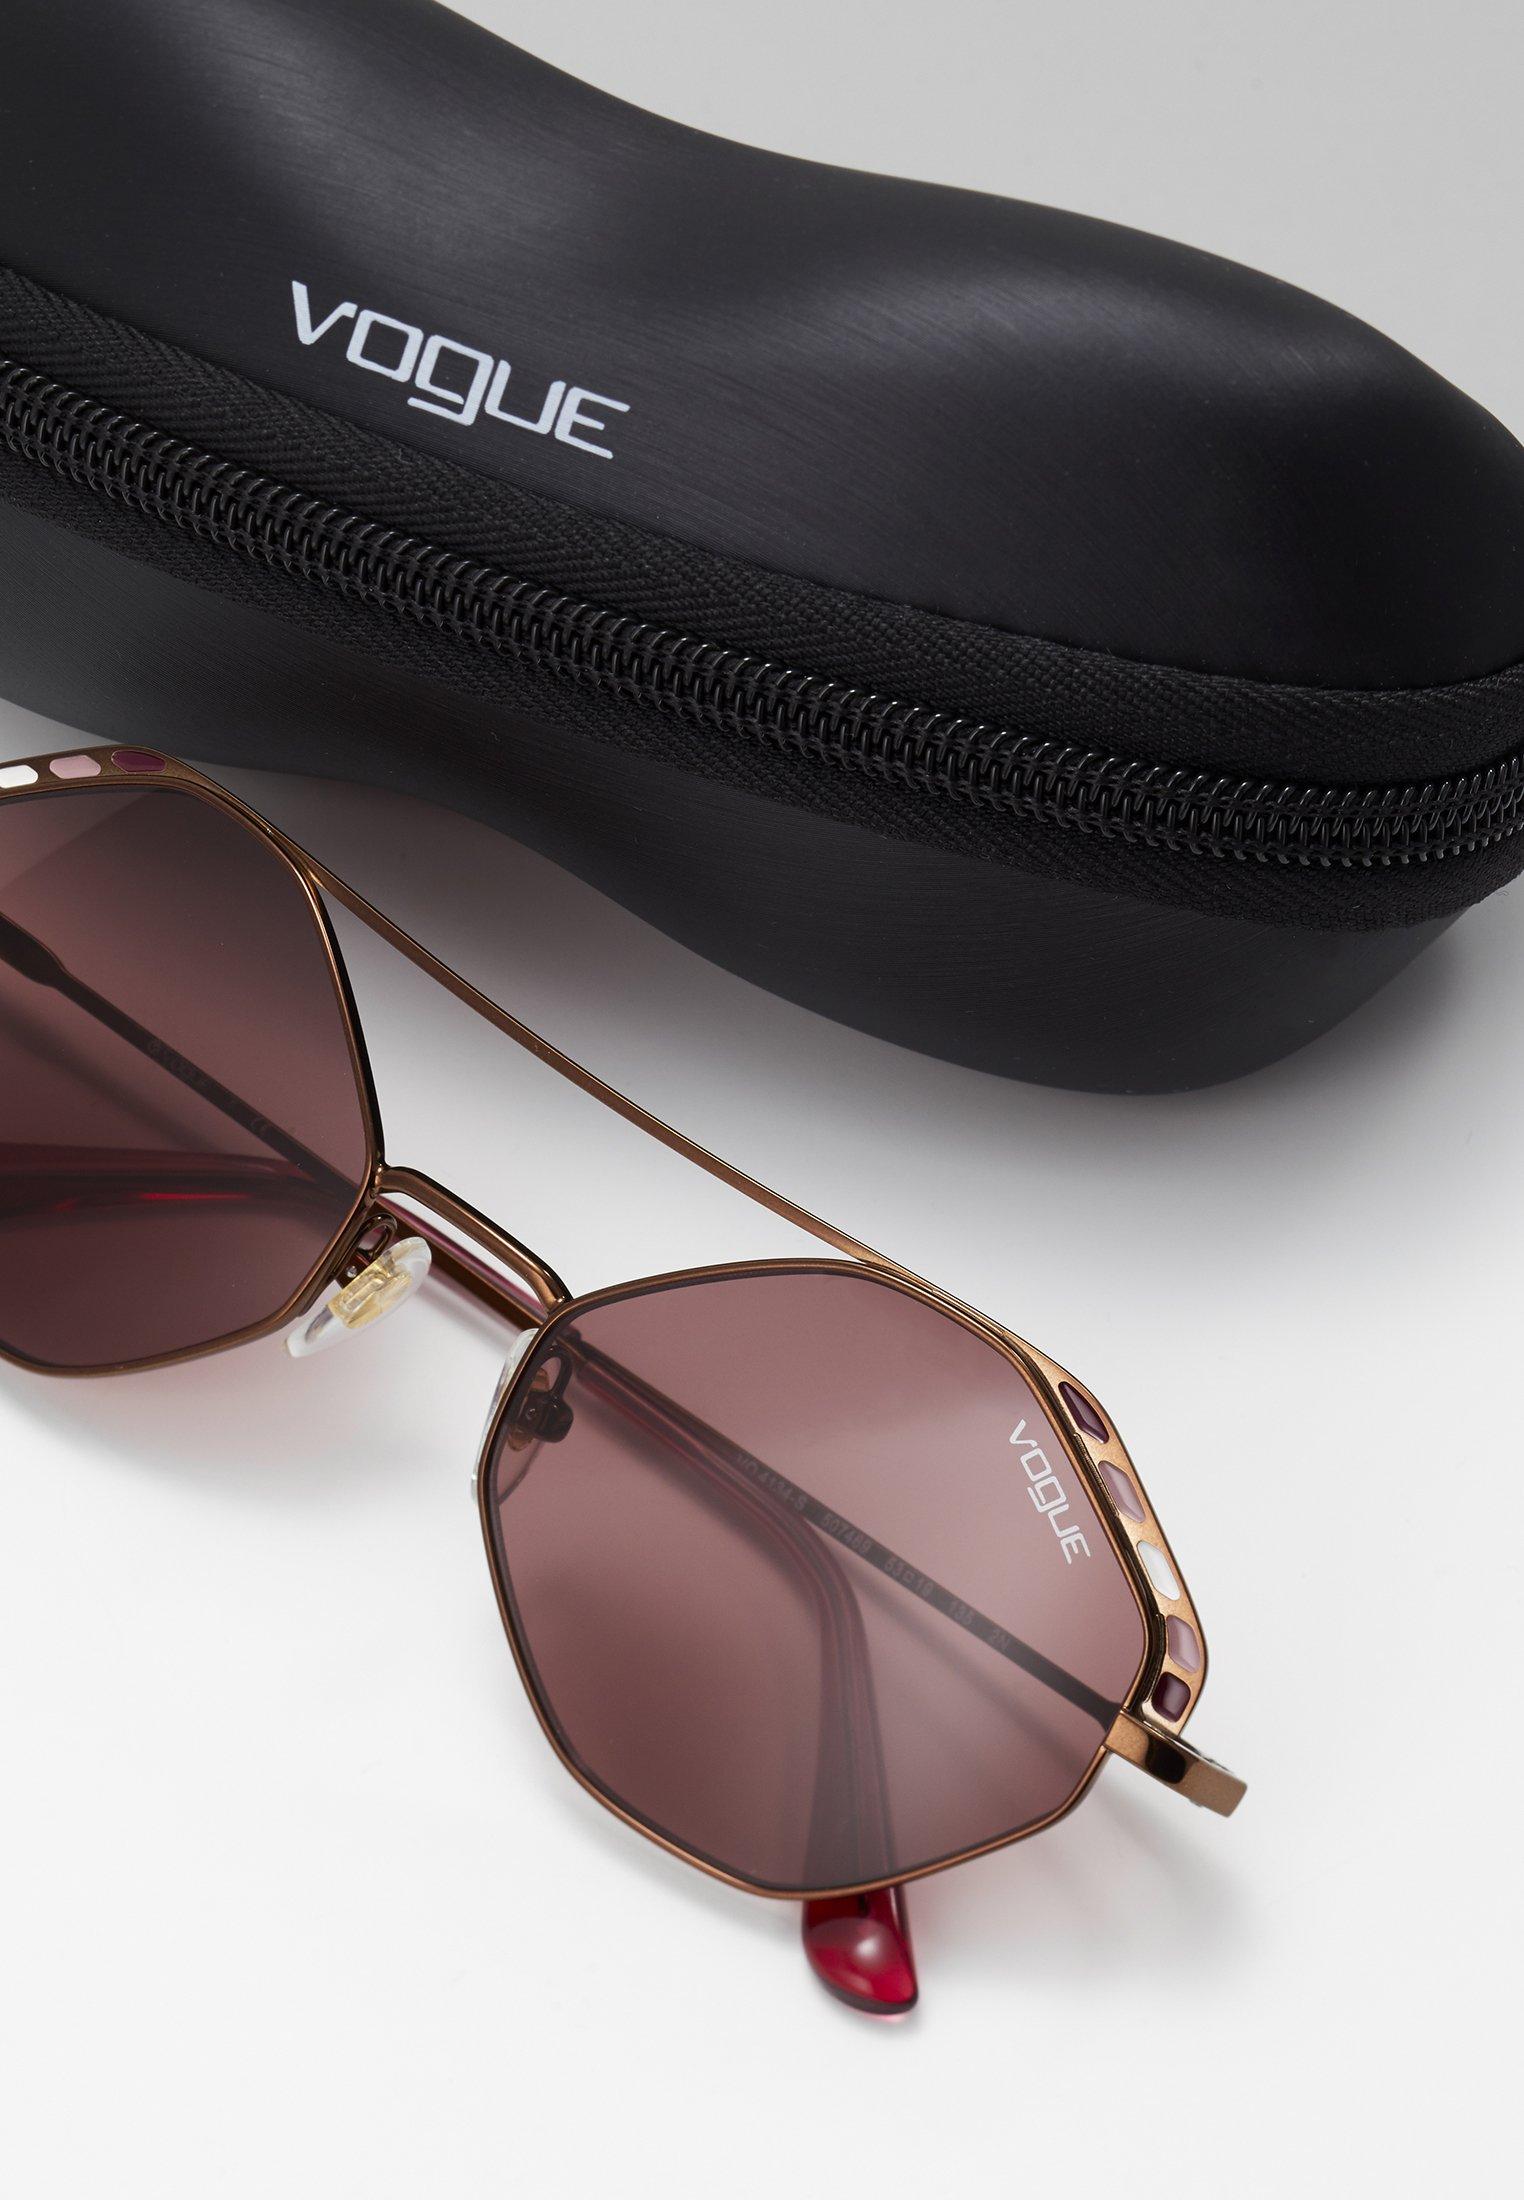 Acheter le plus récent Meilleurs prix VOGUE Eyewear Lunettes de soleil - copper - ZALANDO.FR XQEEi